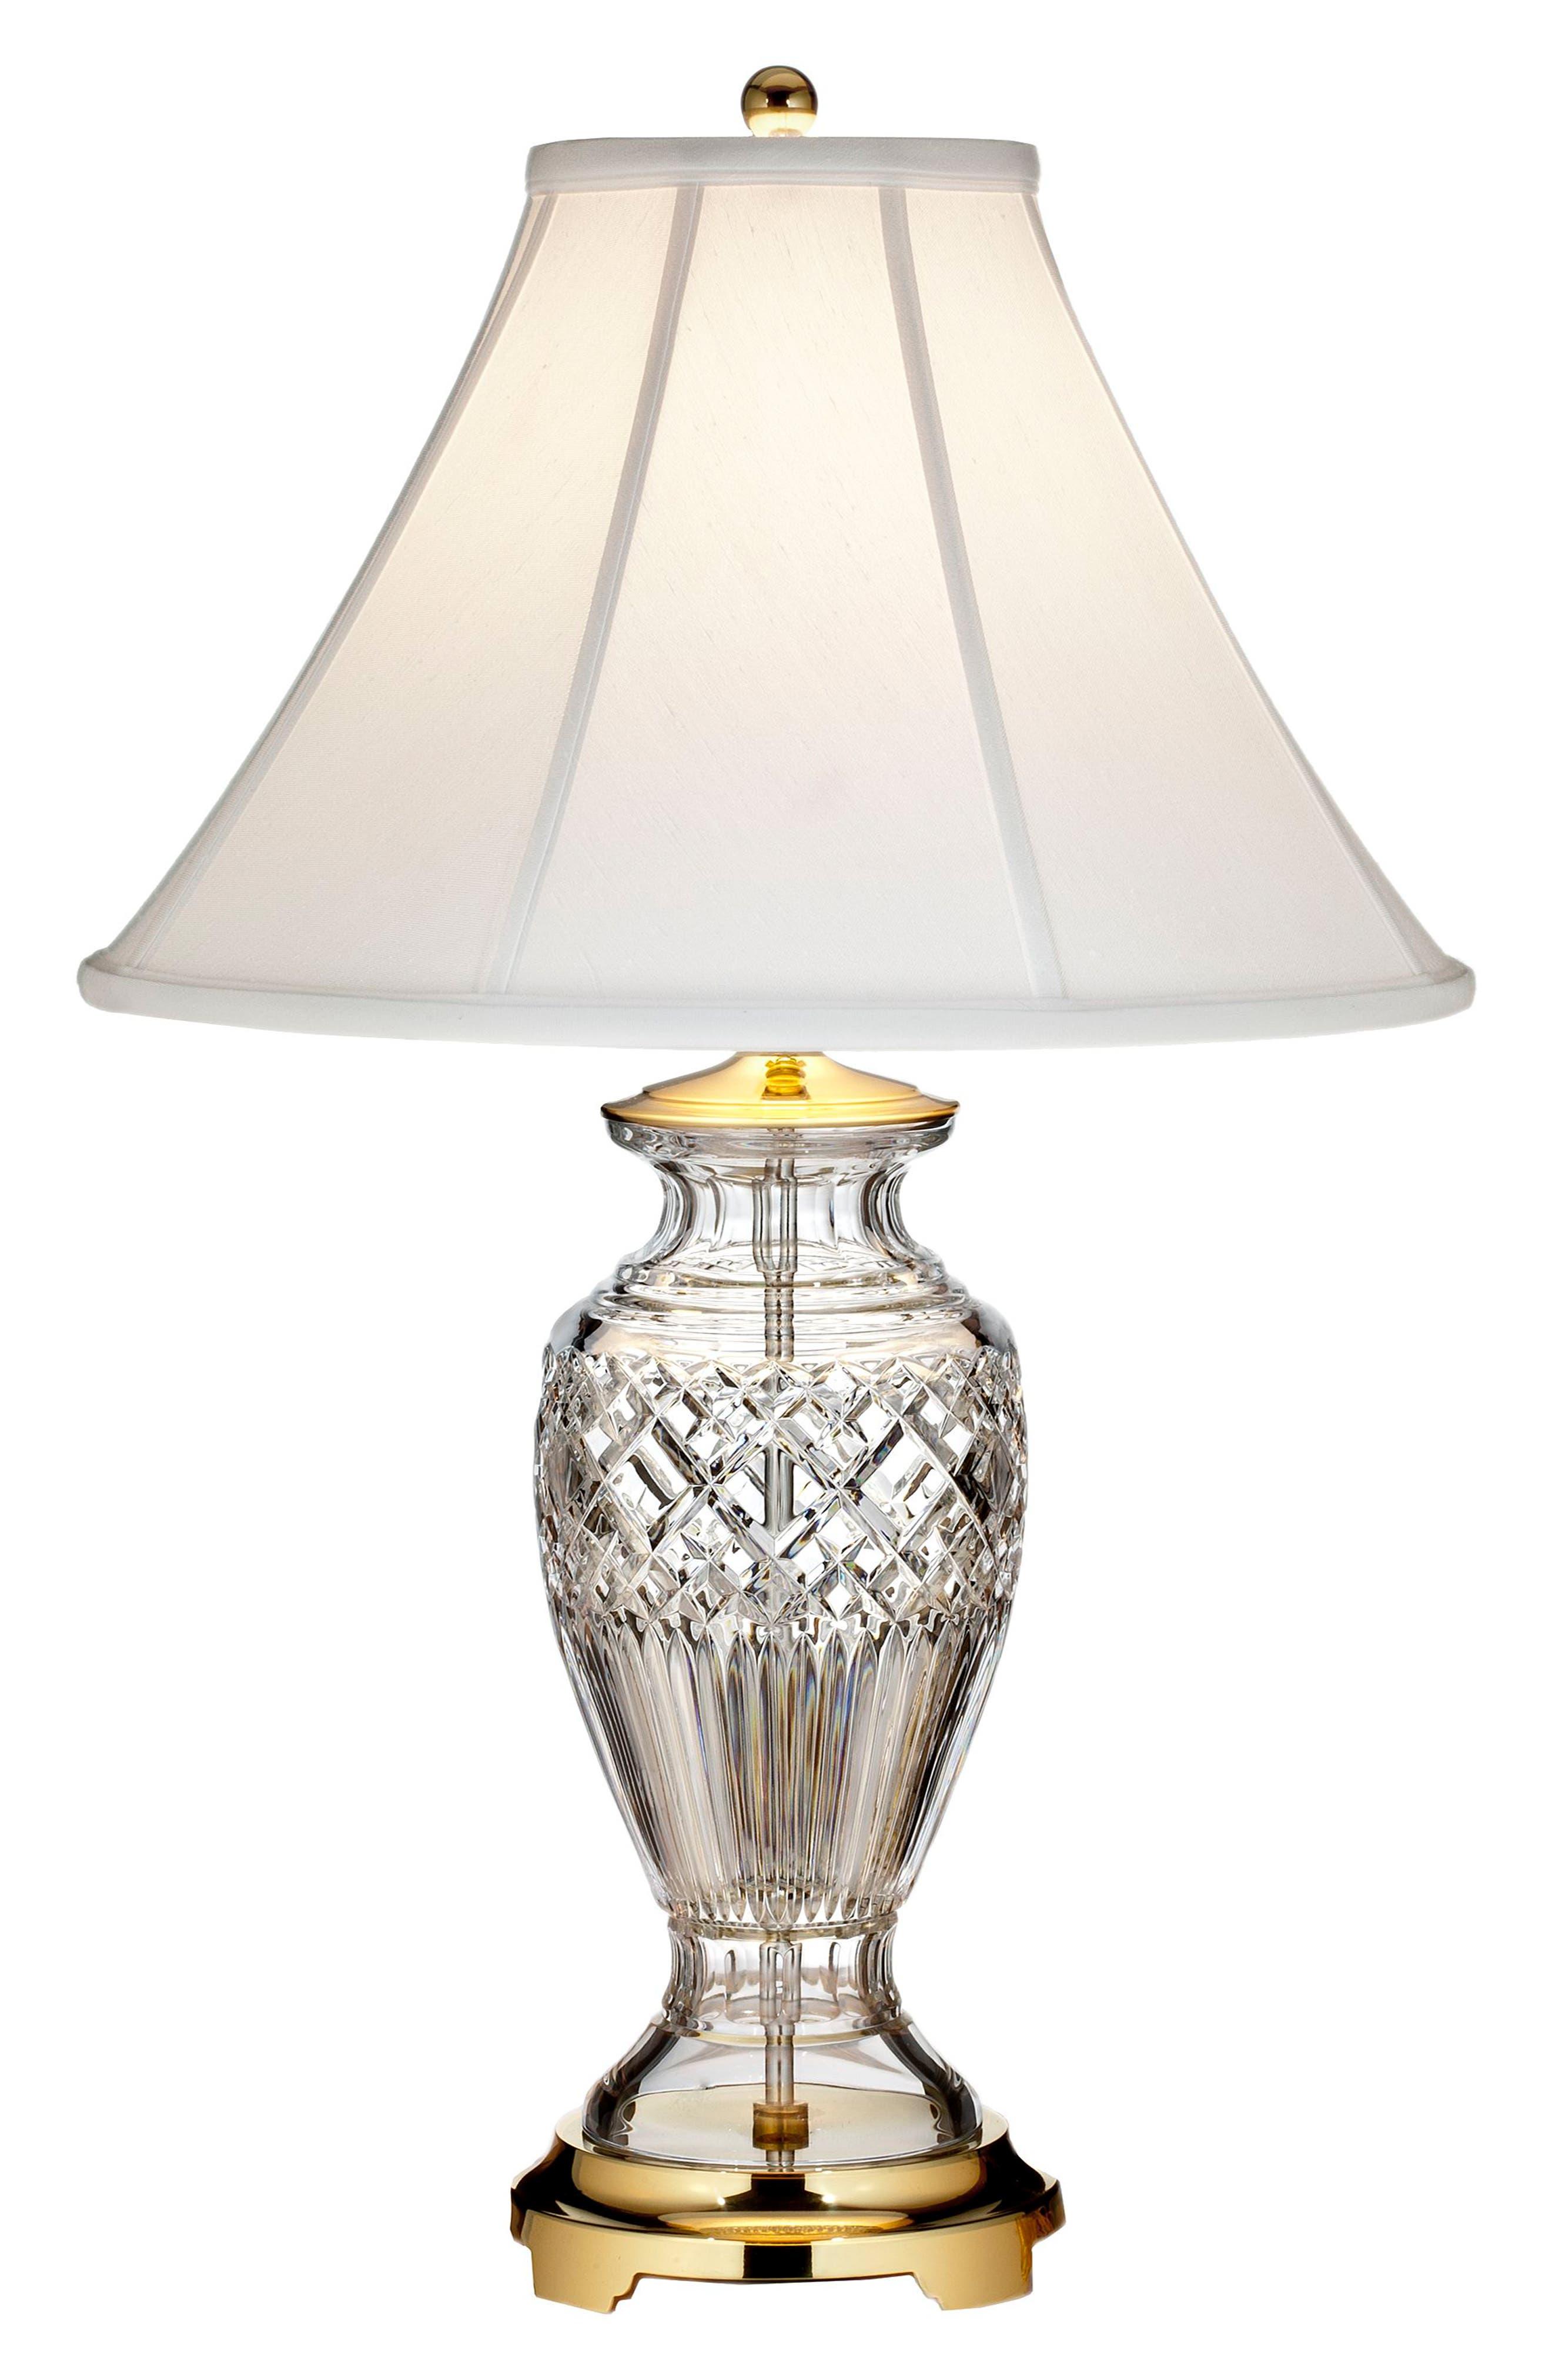 Waterford Kilmore Lead Crystal Table Lamp